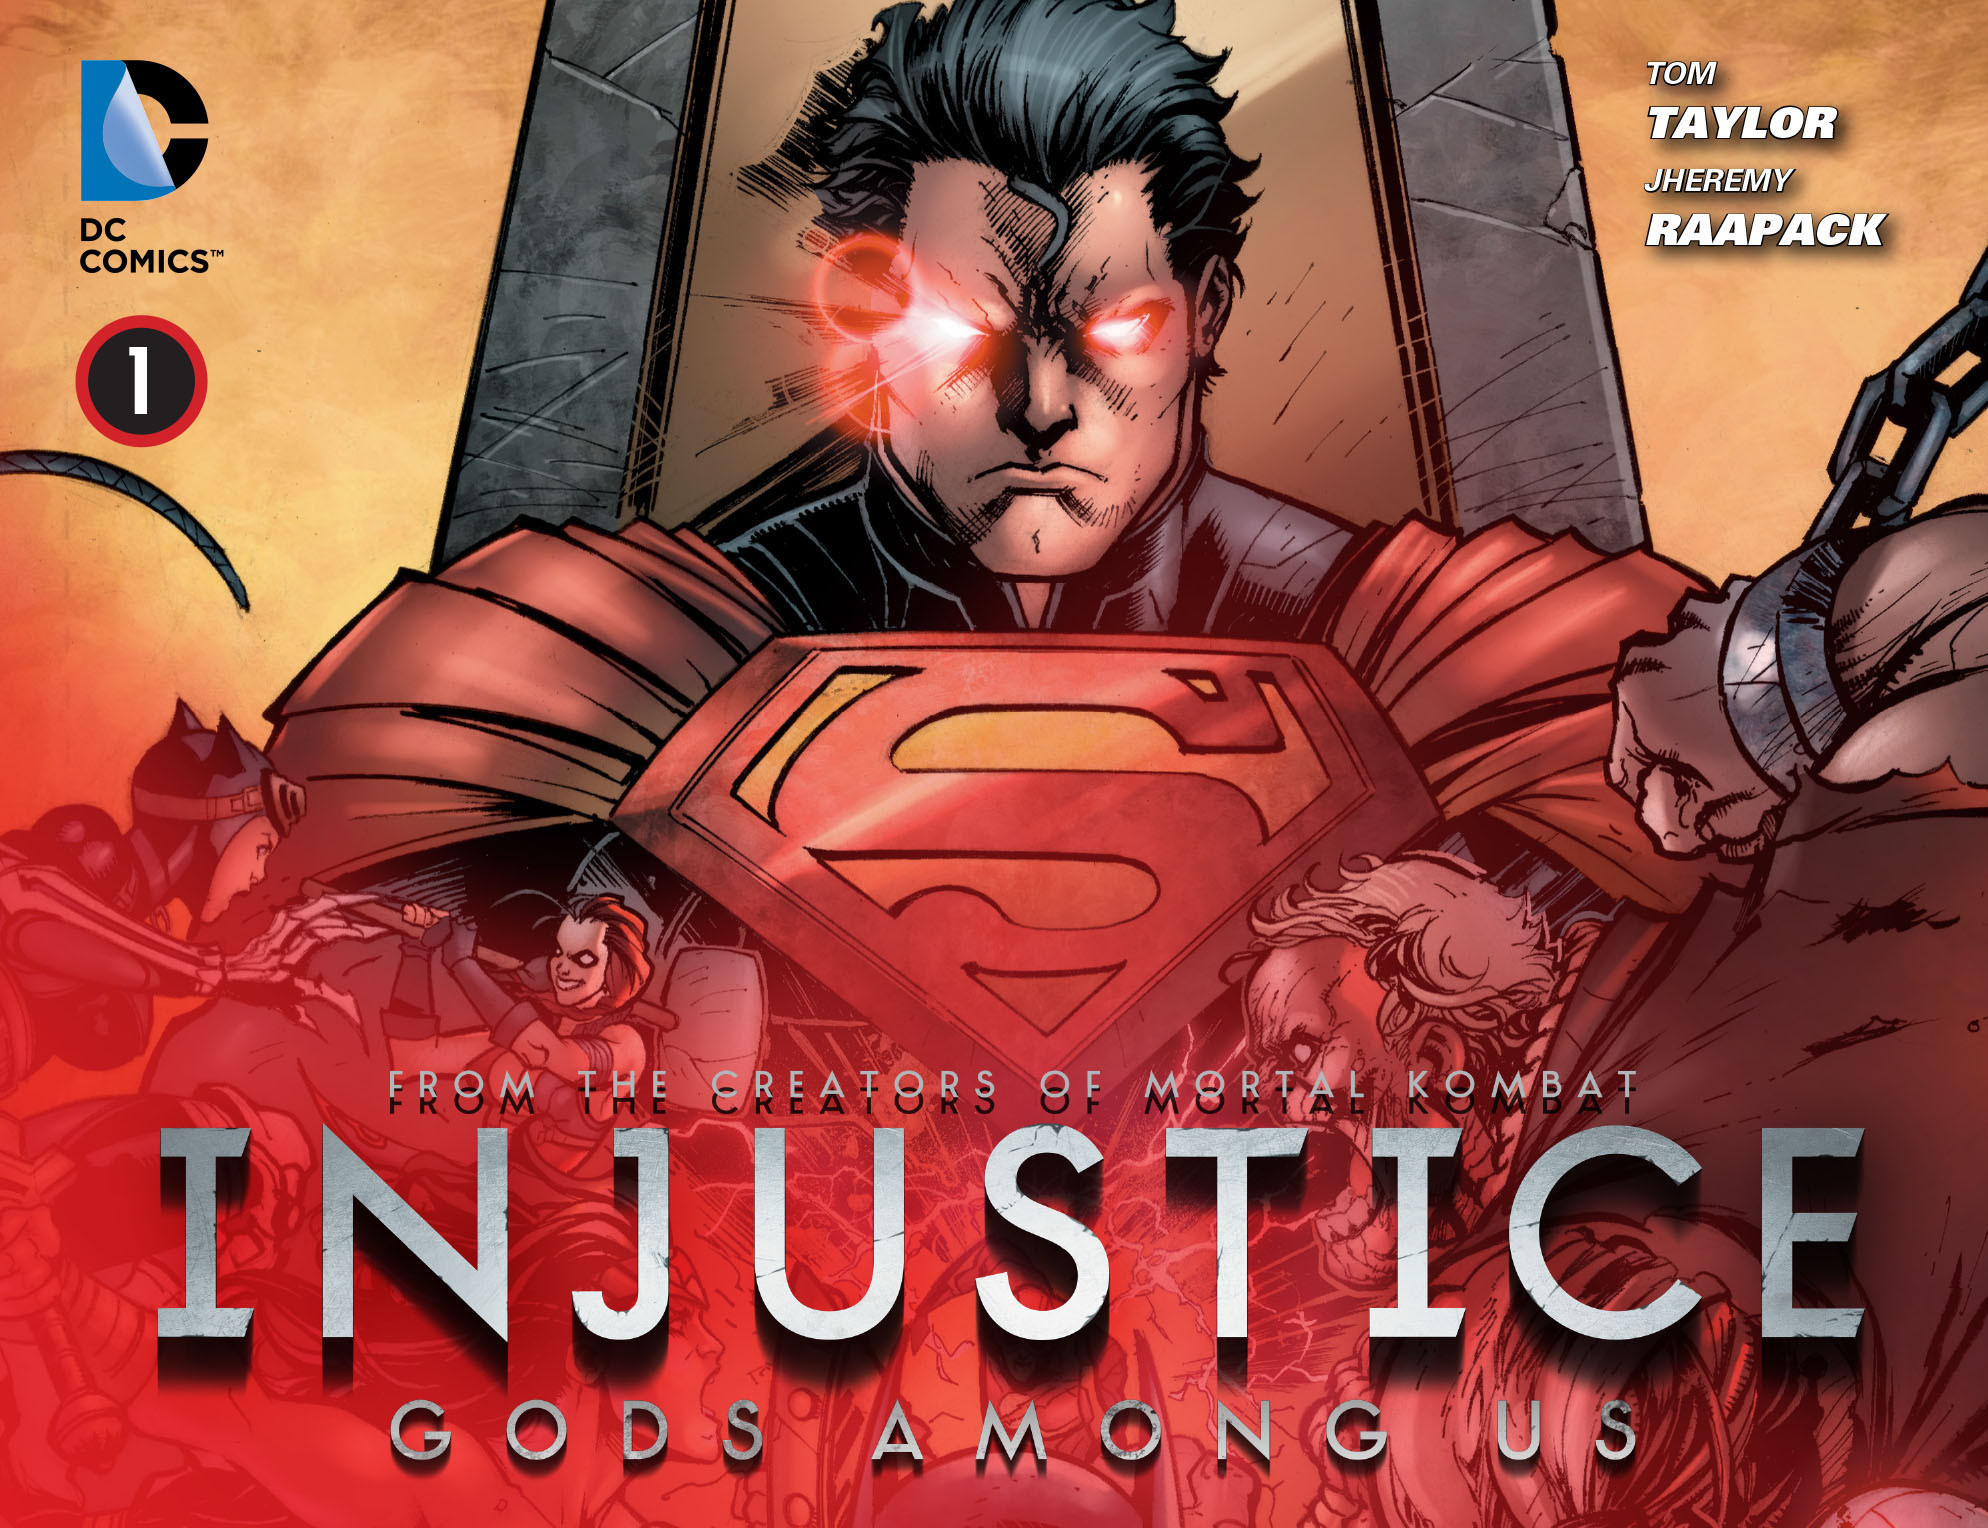 Injustice: Gods Among Us [I] 1 Page 1